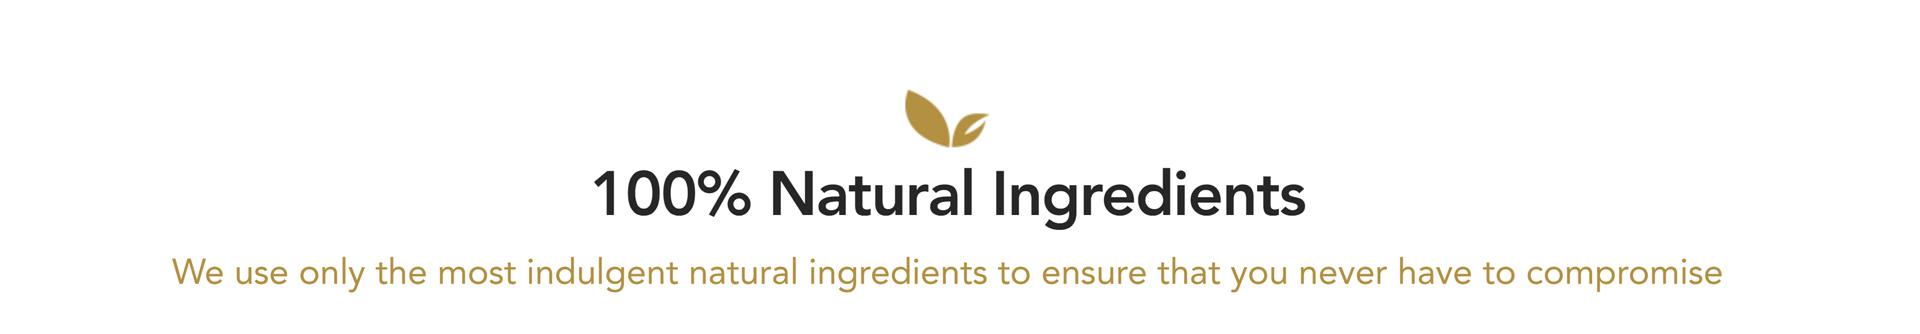 INIKA - 100% Natural Ingredients